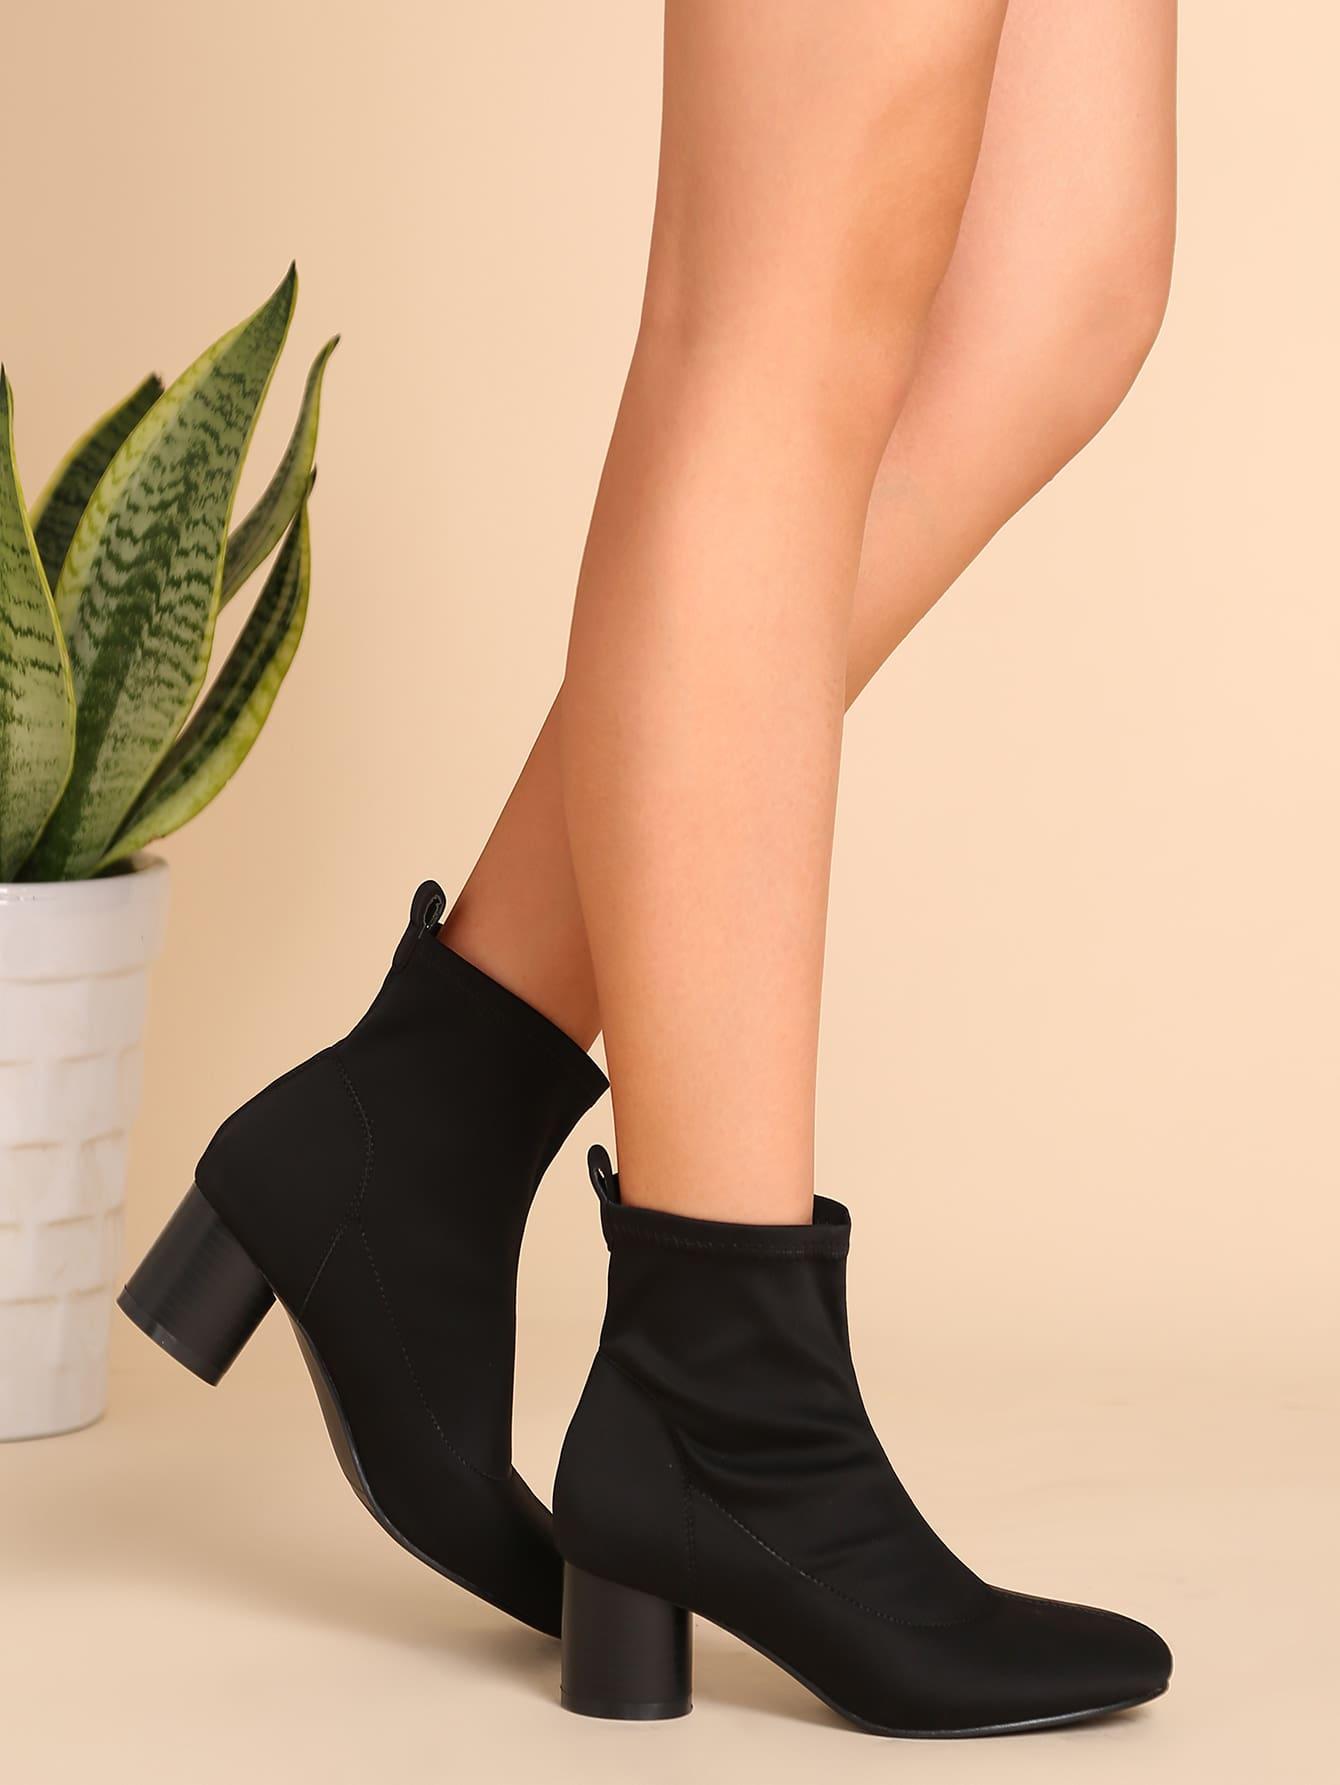 shoes161011808_2